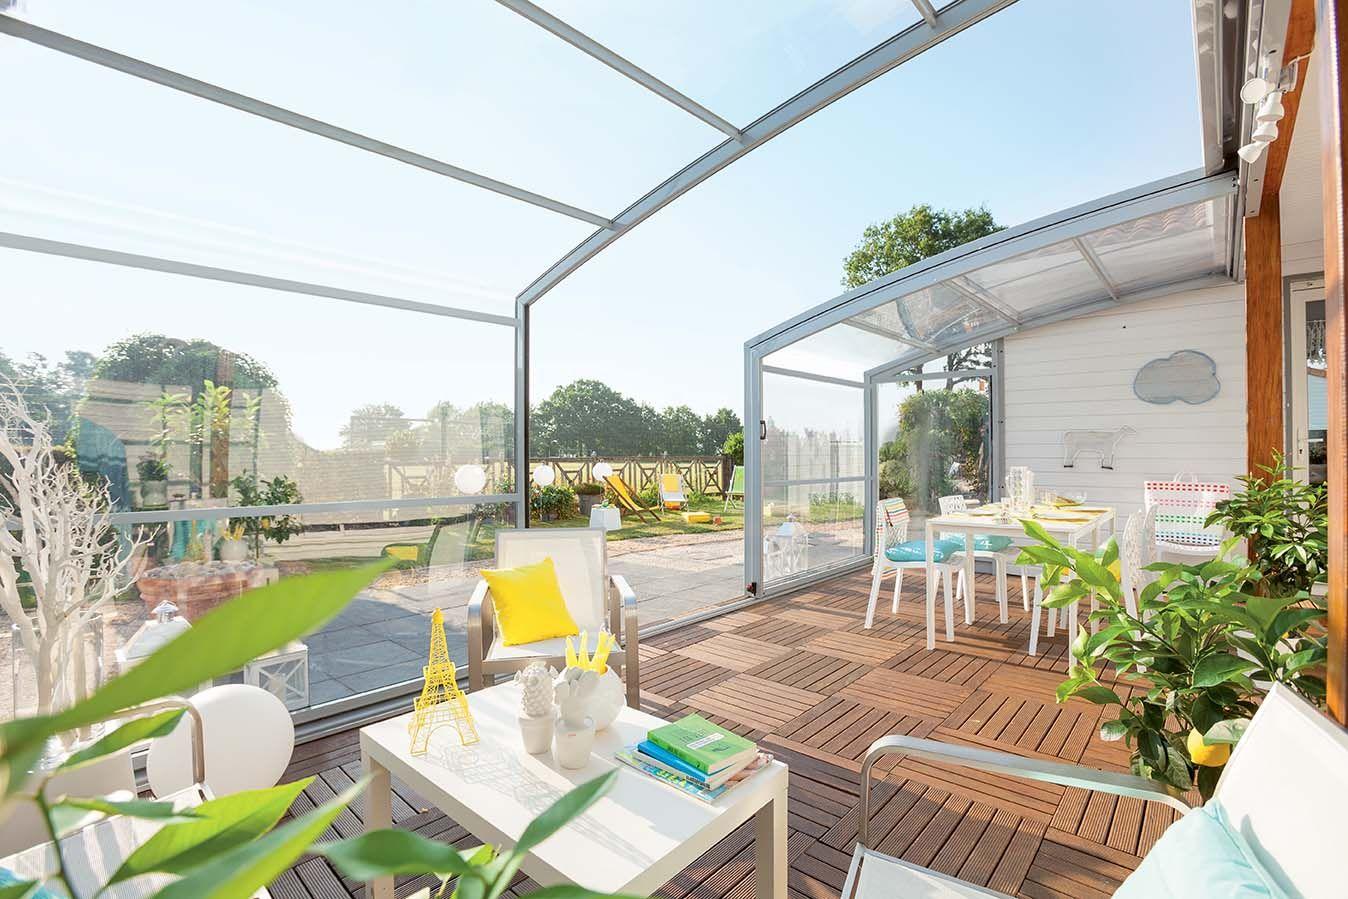 Une Tres Belle Terrasse En Bois Sous Un Abri De Terrasse Rideau Abriterrasserideau Abri Terrasse Terrasse